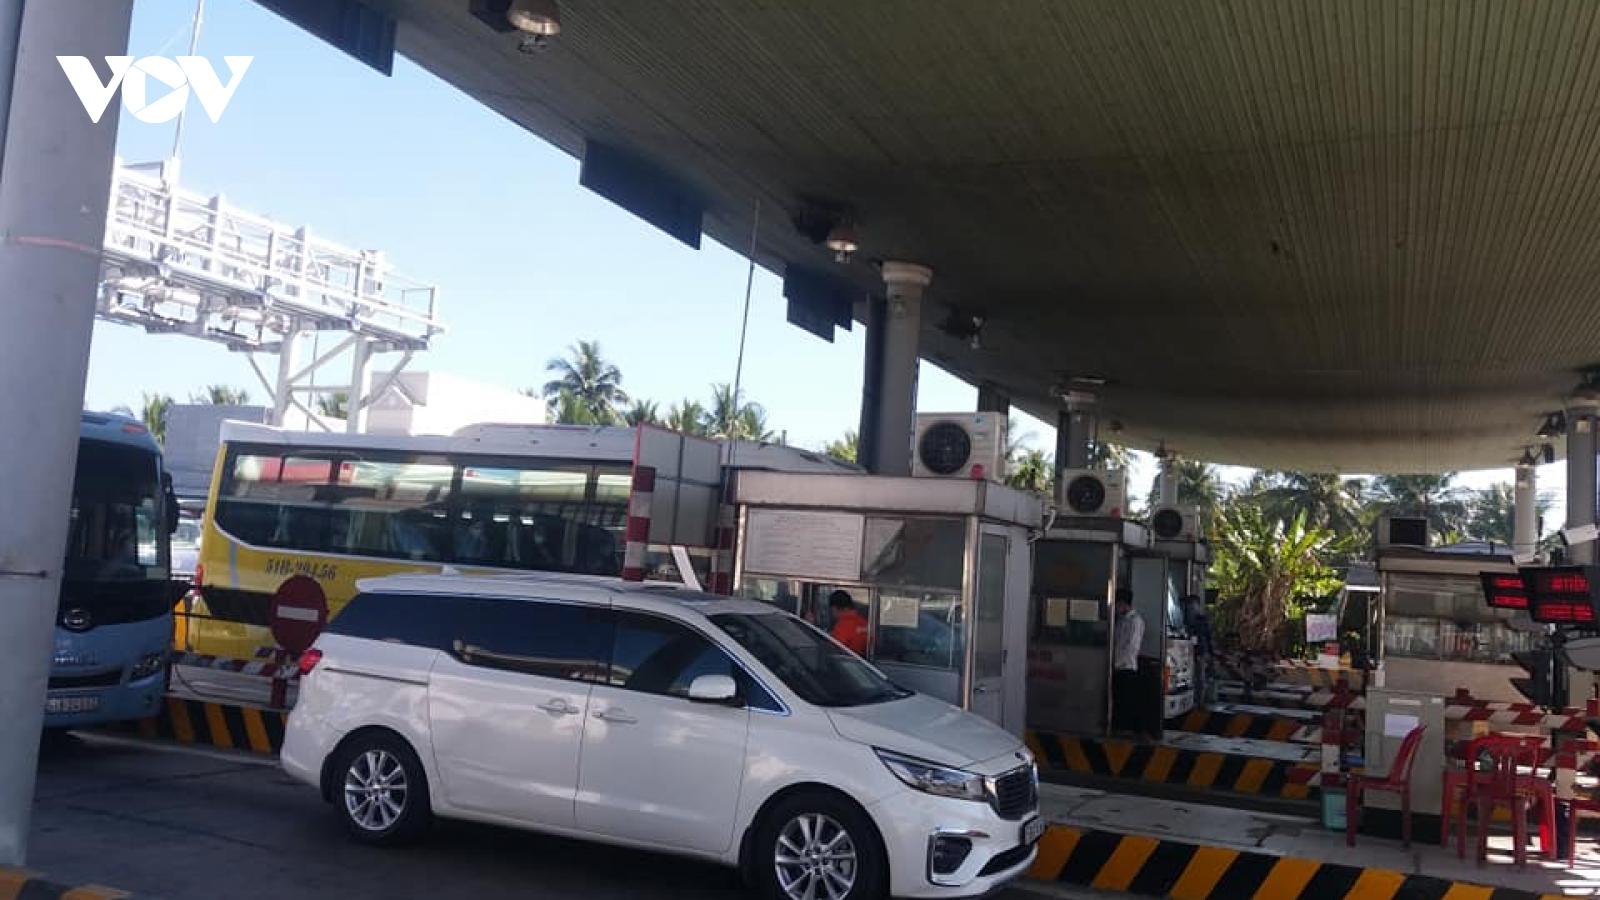 Tiền Giang - Bến Tre chủ động phòng ngừa ùn tắc giao thông khu vực cầu Rạch Miễu